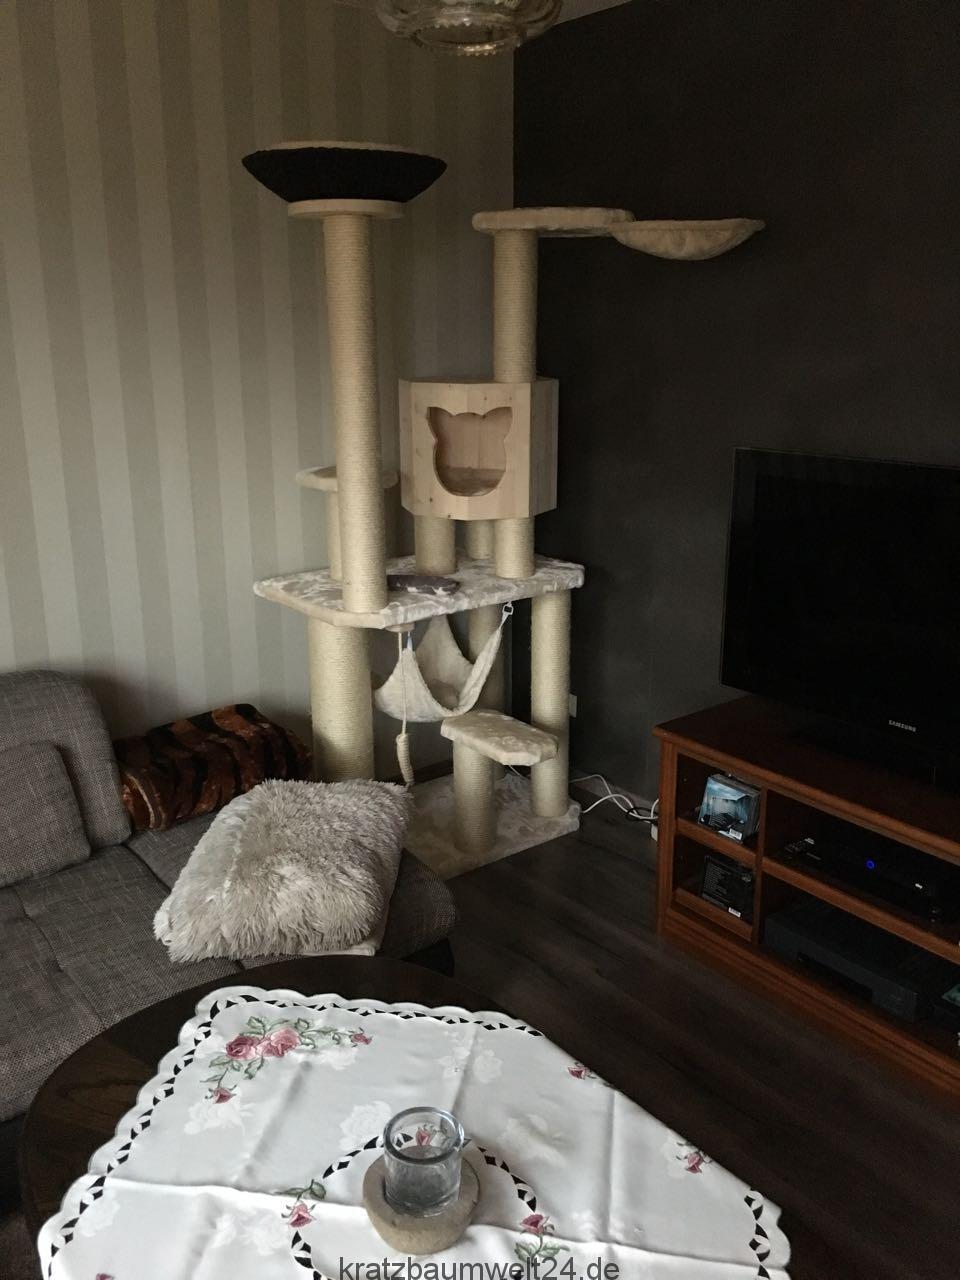 kratzbaum f r schwere katzen individuelle anfertigung naturkratzbaum stabiler kratzbaum f r. Black Bedroom Furniture Sets. Home Design Ideas